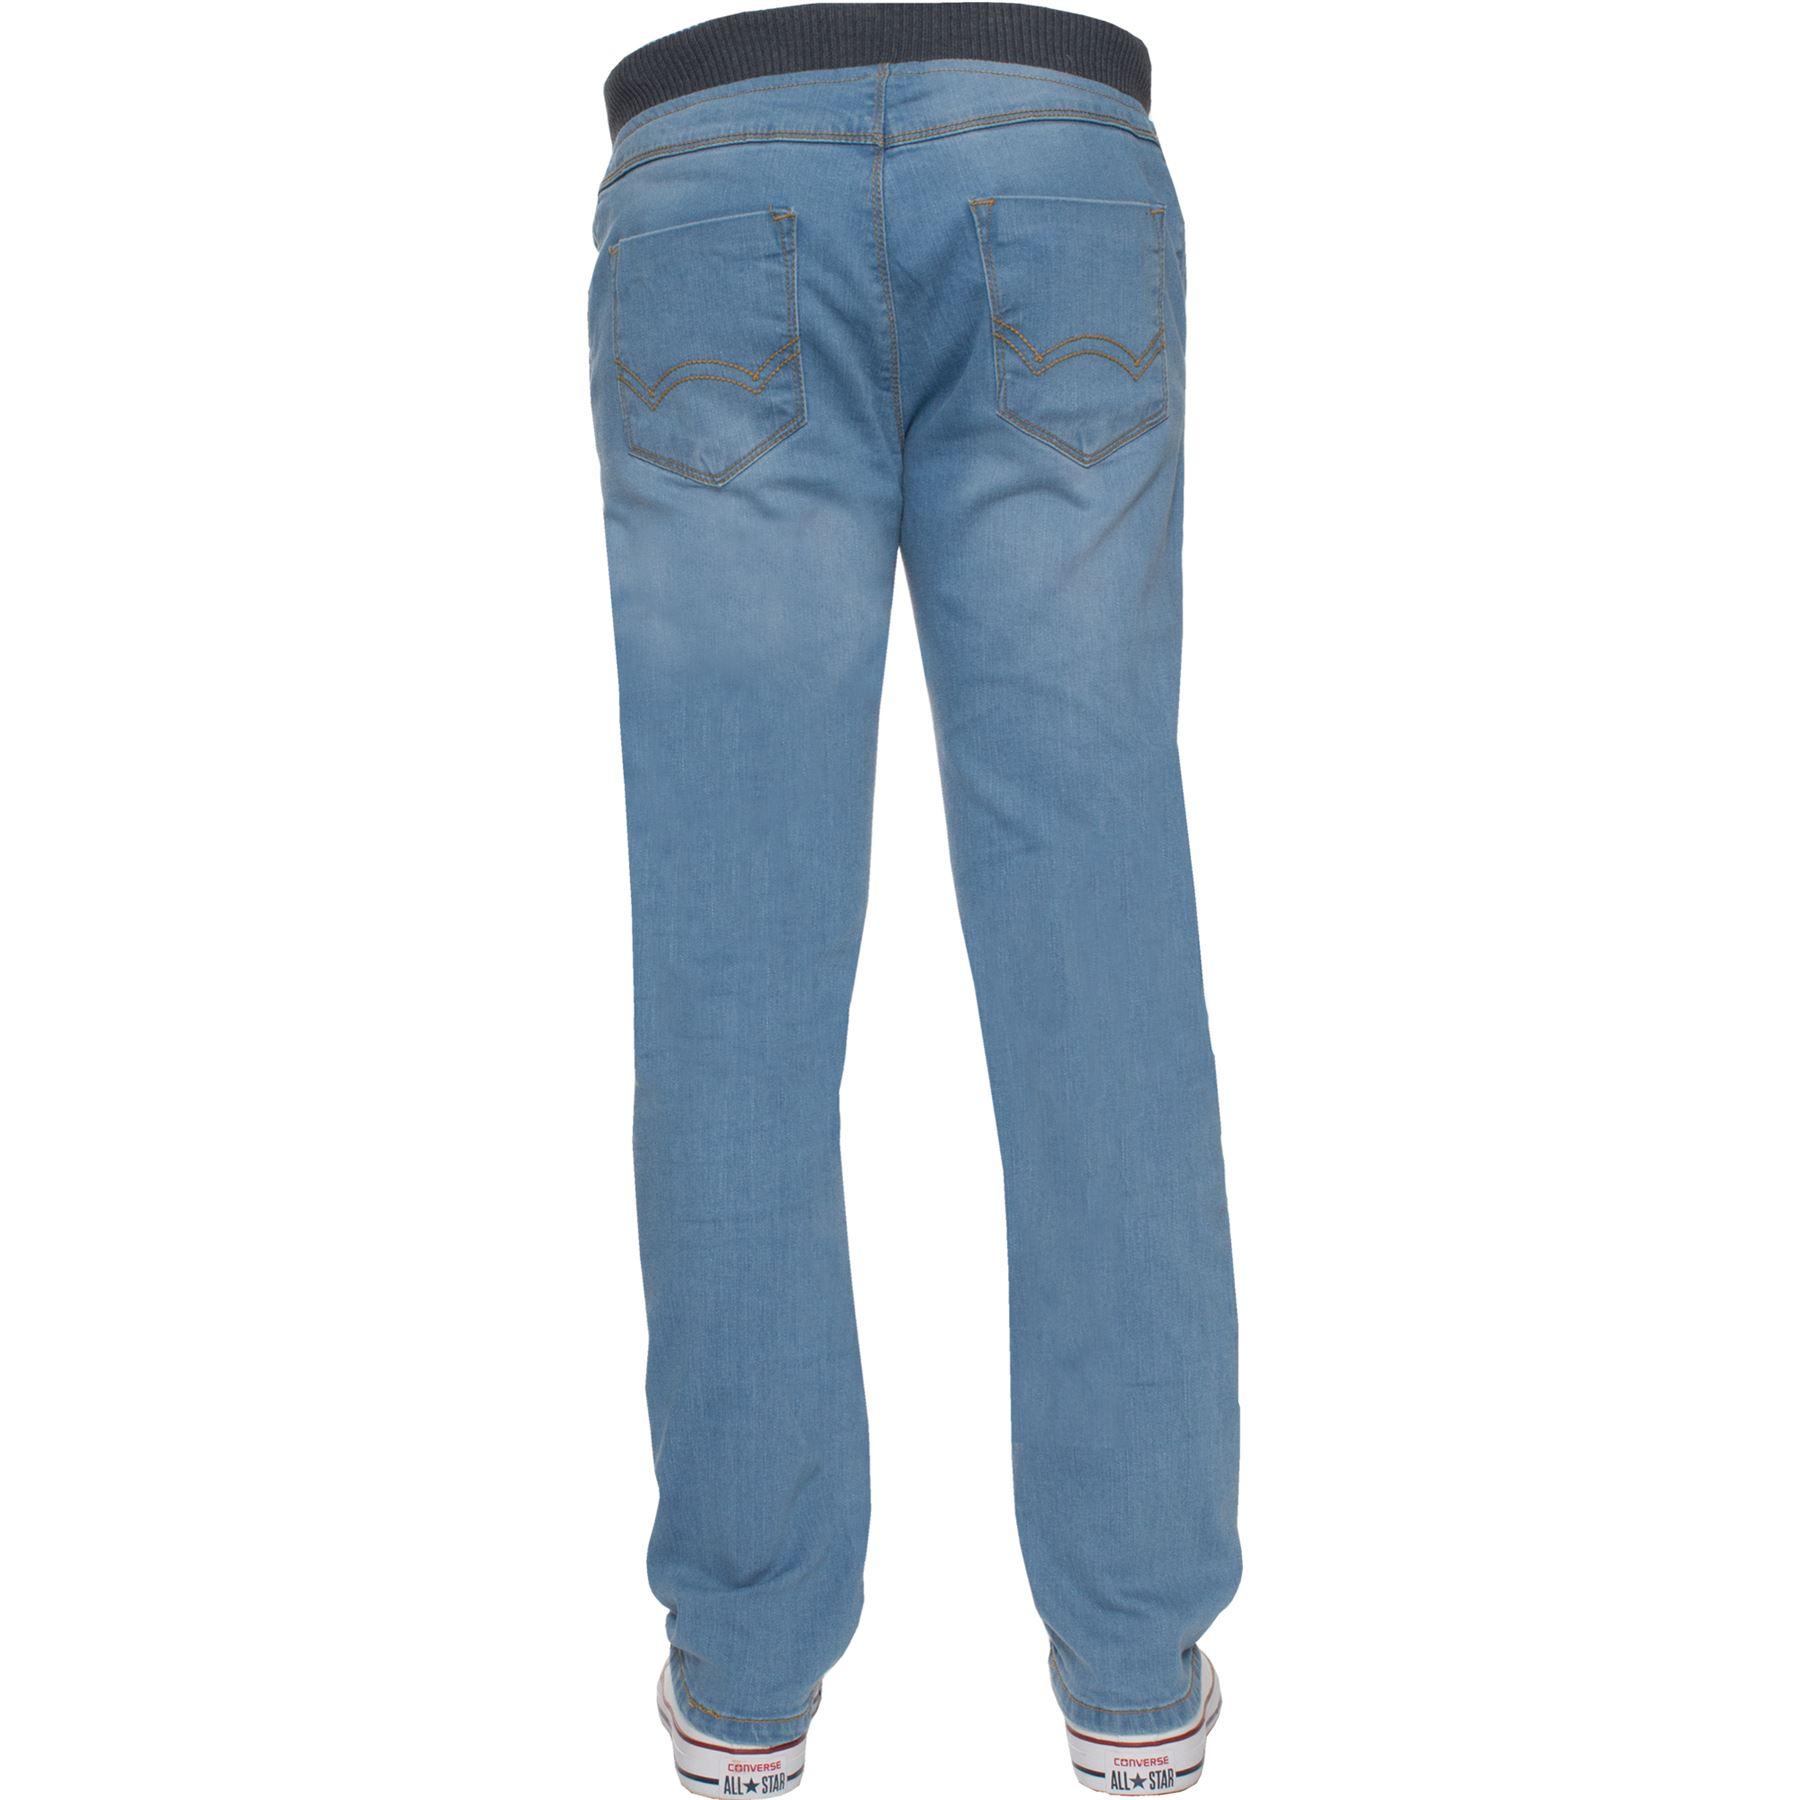 31bfbf698 New Brand Kruze Boys Jeans Kids Ribbed Elasticated Waist Stretch ...